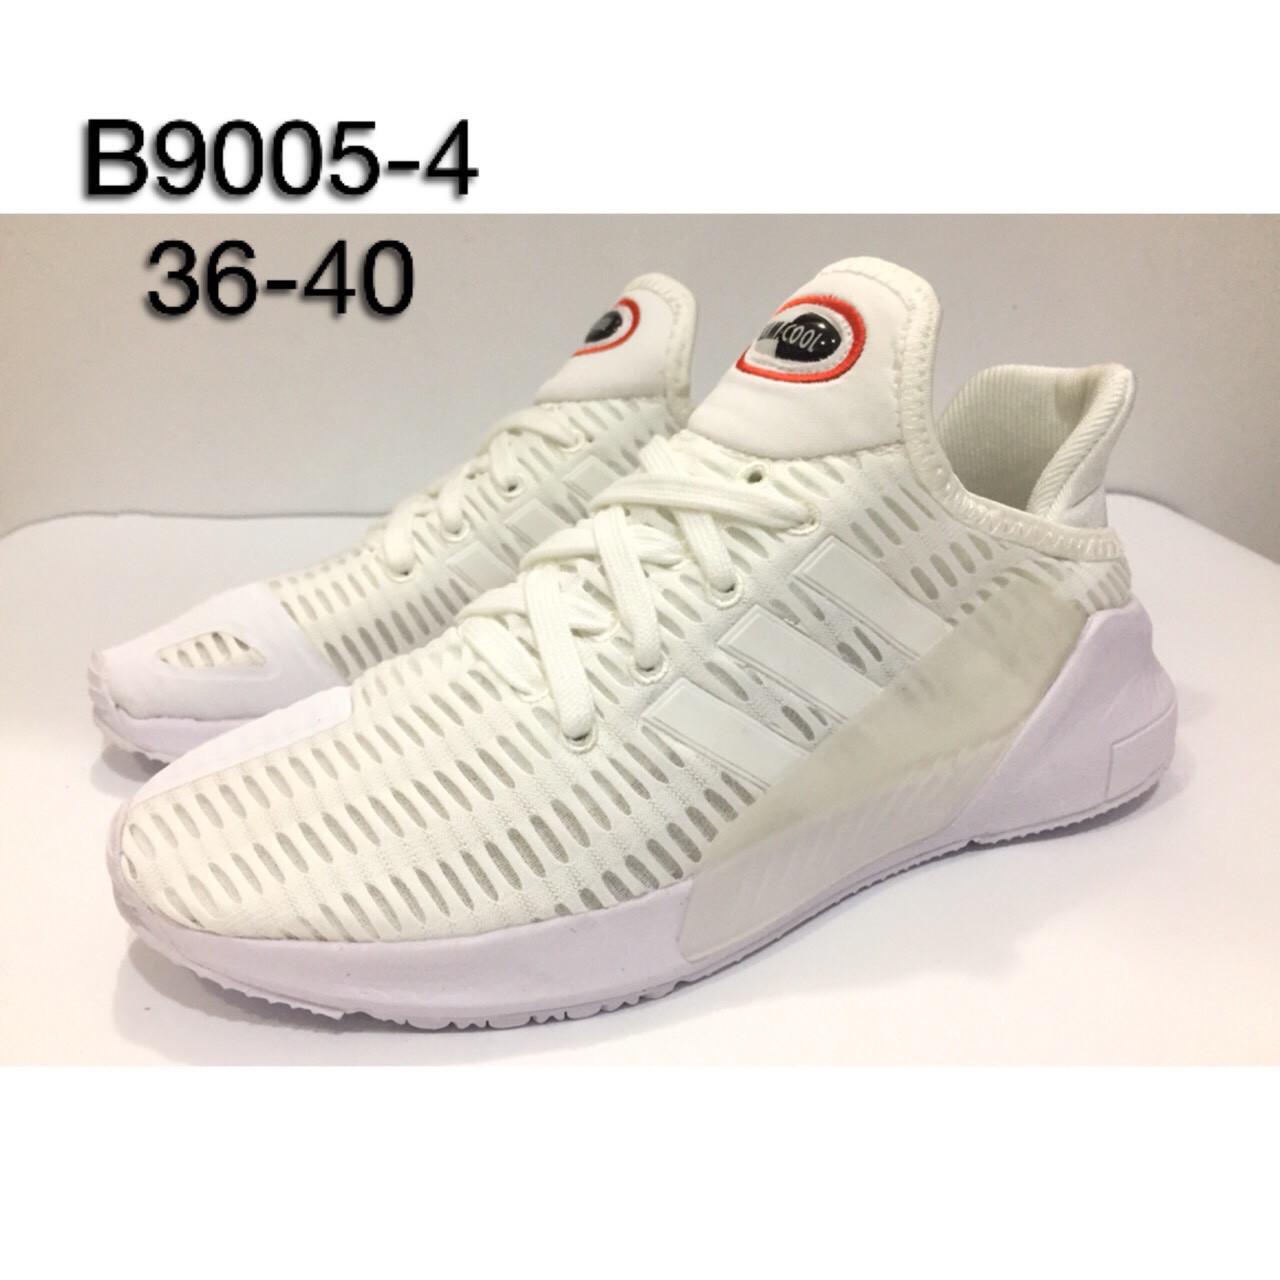 Подростковые кроссовки Adidas Climacool лицензия оптом (36-40)